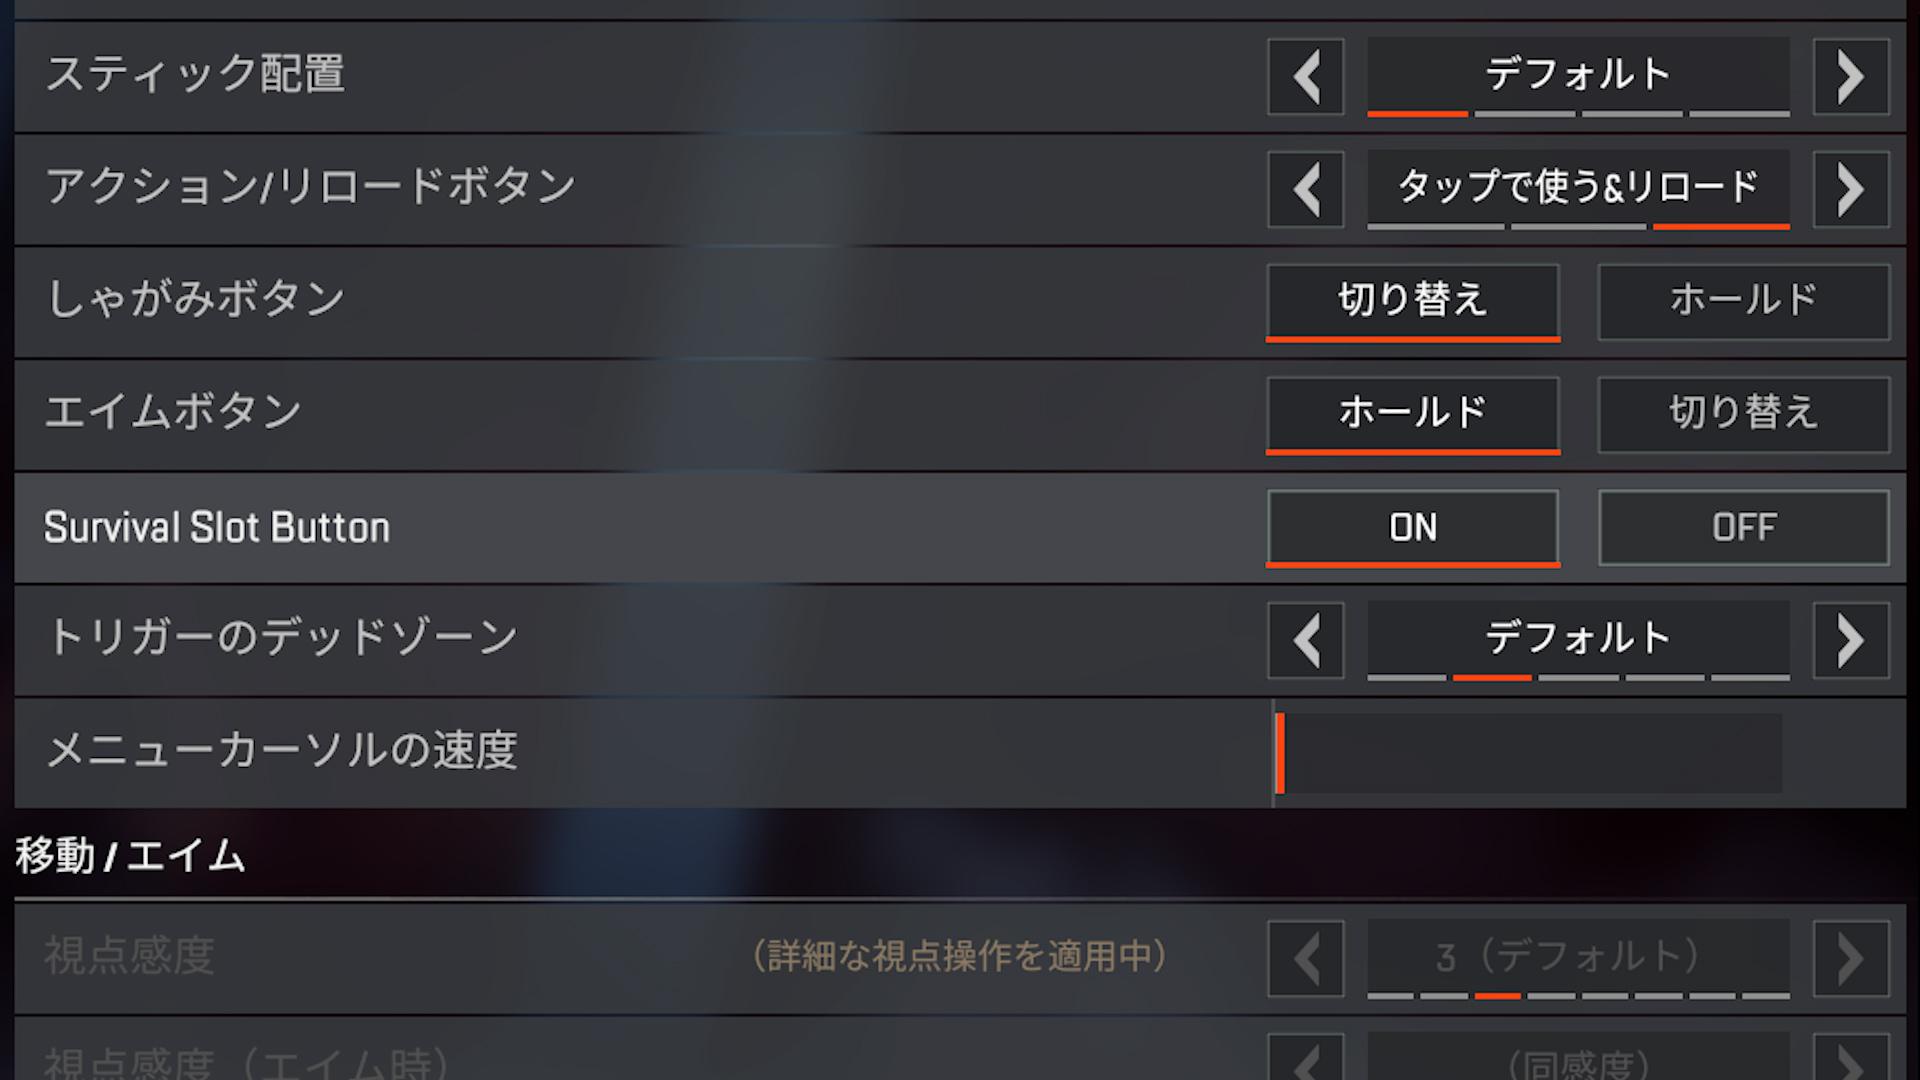 【APEX】コントローラー設定に「サバイバルスロットボタン」のON/OFF設定が追加!!→武器を見るモーションが再び可能に